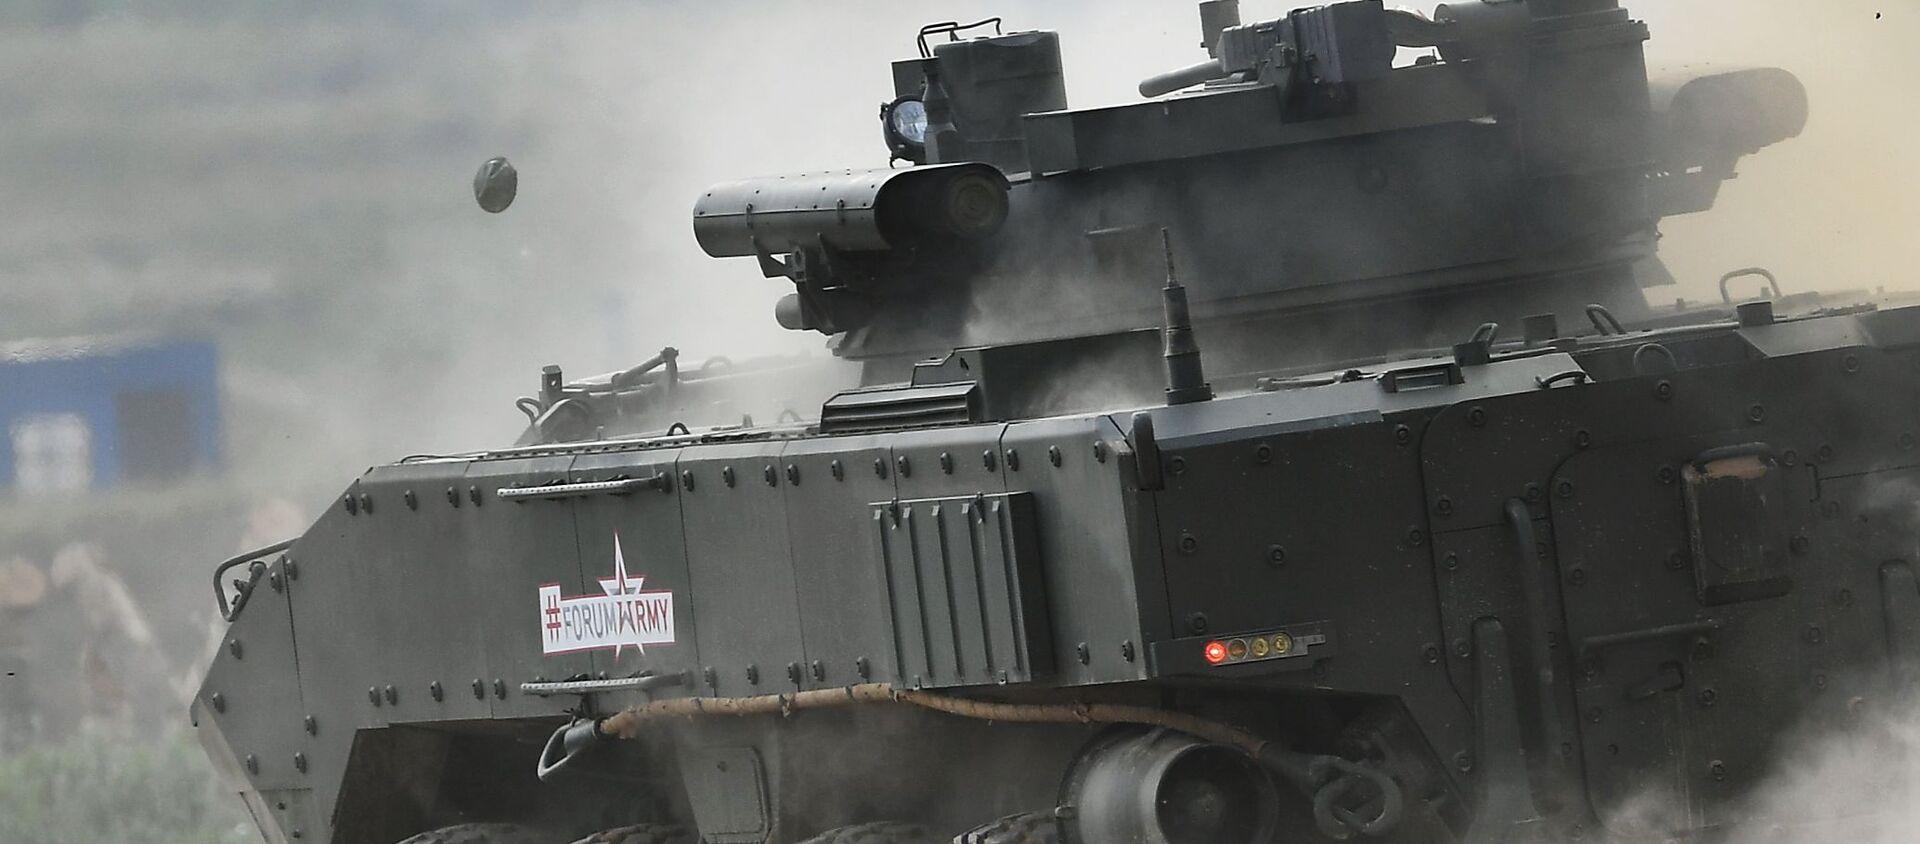 """Kołowy bojowy wóz piechoty K-17 """"Bumerang-BM"""" - Sputnik Polska, 1920, 03.03.2021"""